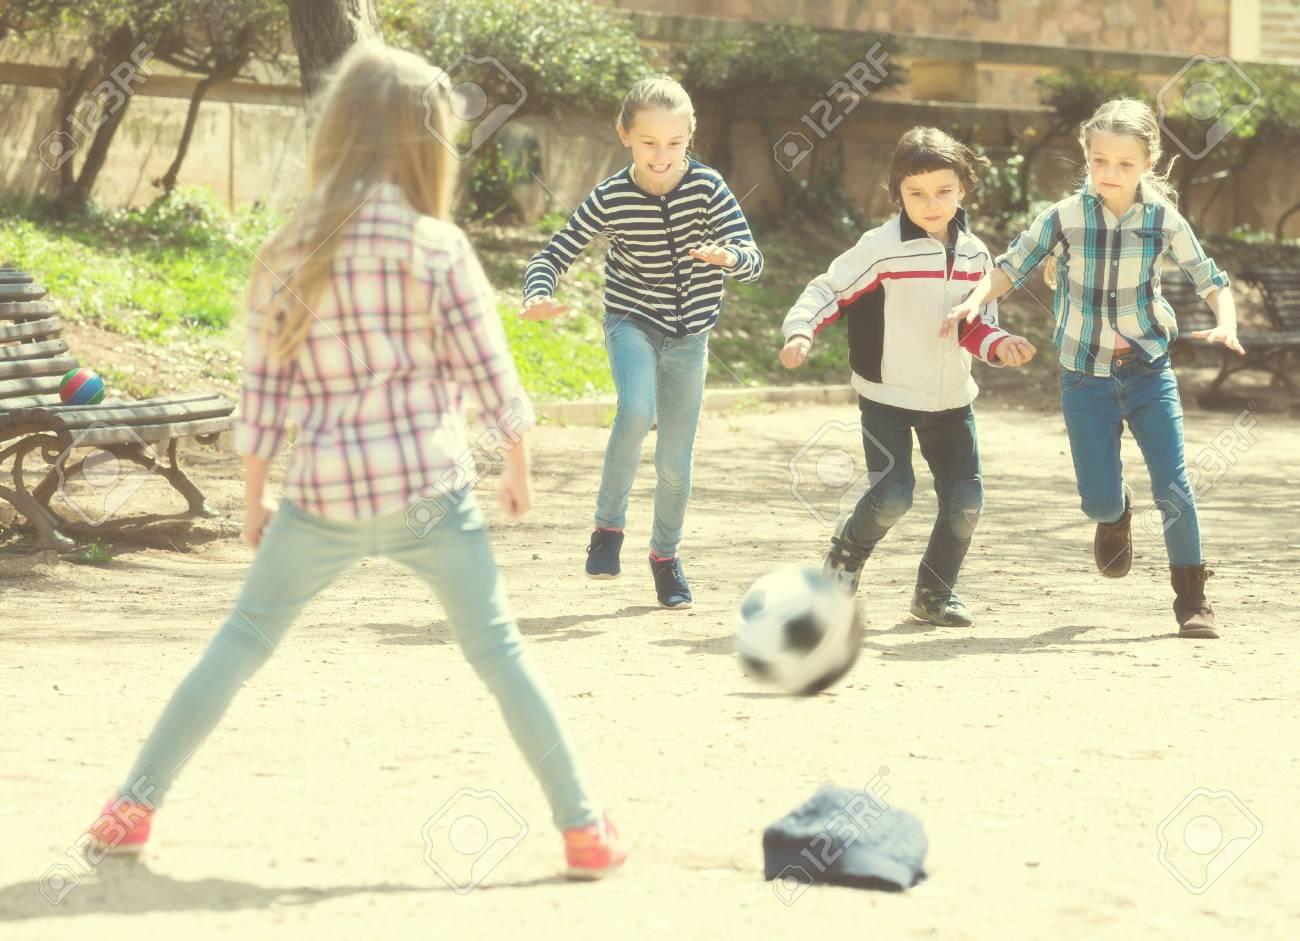 Los Ninos Pequenos Jugando Al Futbol Al Aire Libre En La Calle Dia